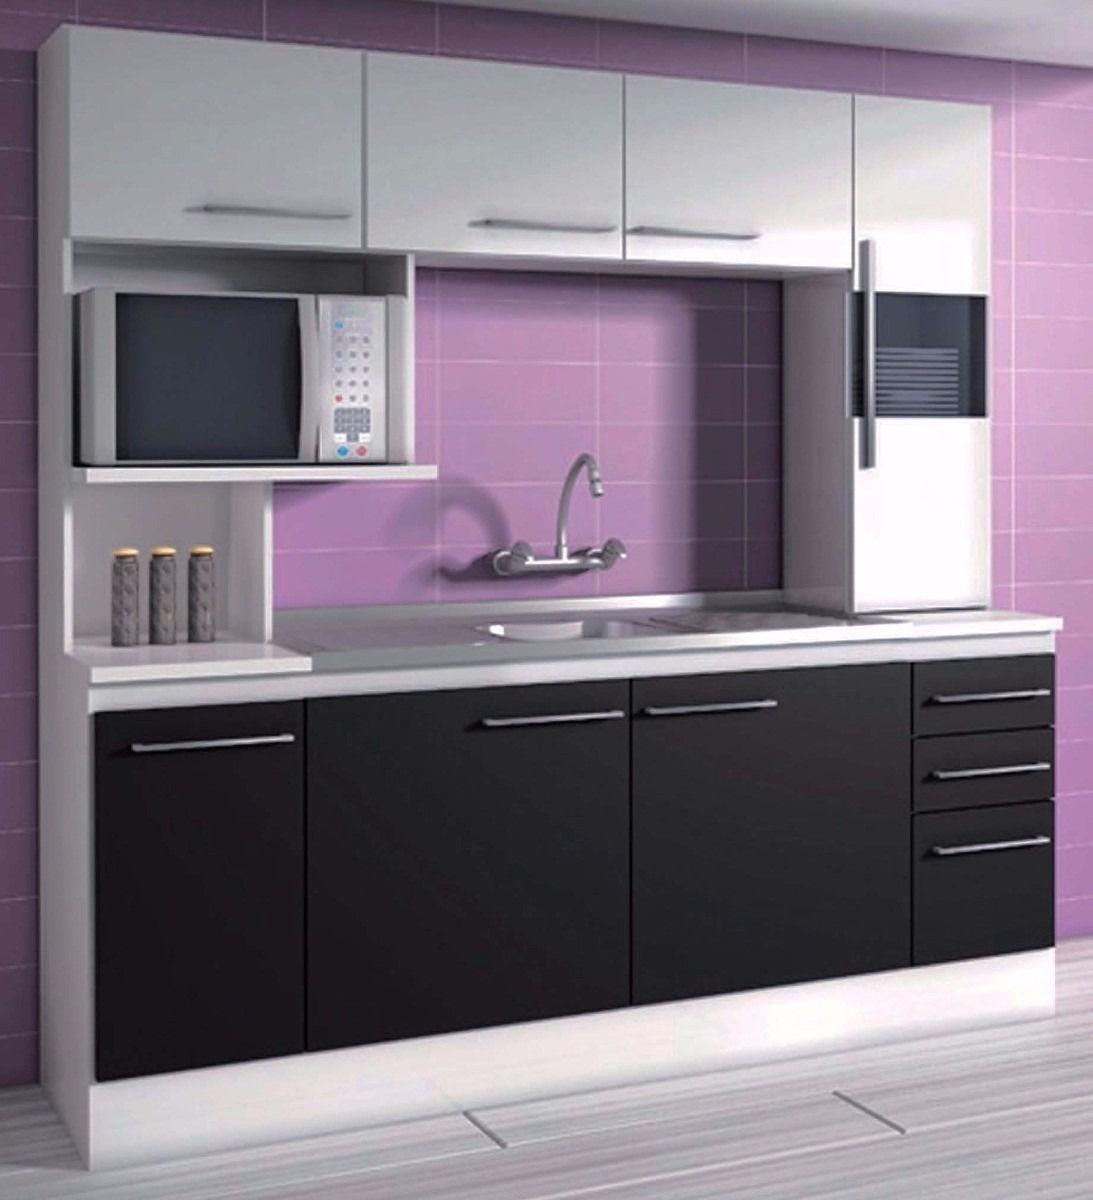 Mueble alacena cocina compacta c mesada incluida los for Muebles online uruguay